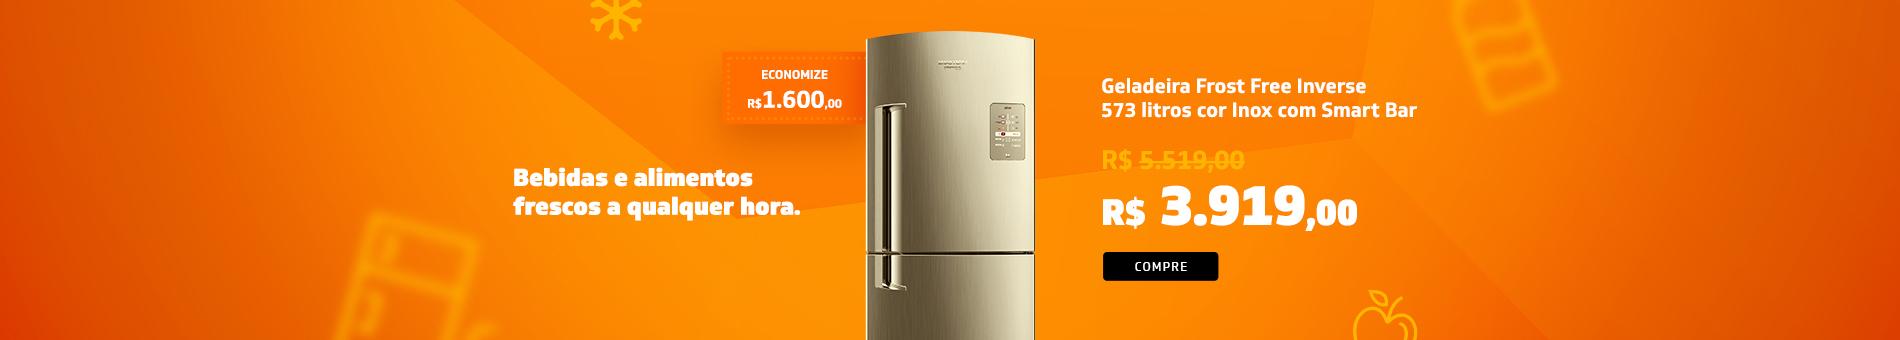 Promoção Interna - 4143 - momentos_BRE80AK-preco_1042020_home2 - BRE80AK-preco - 2